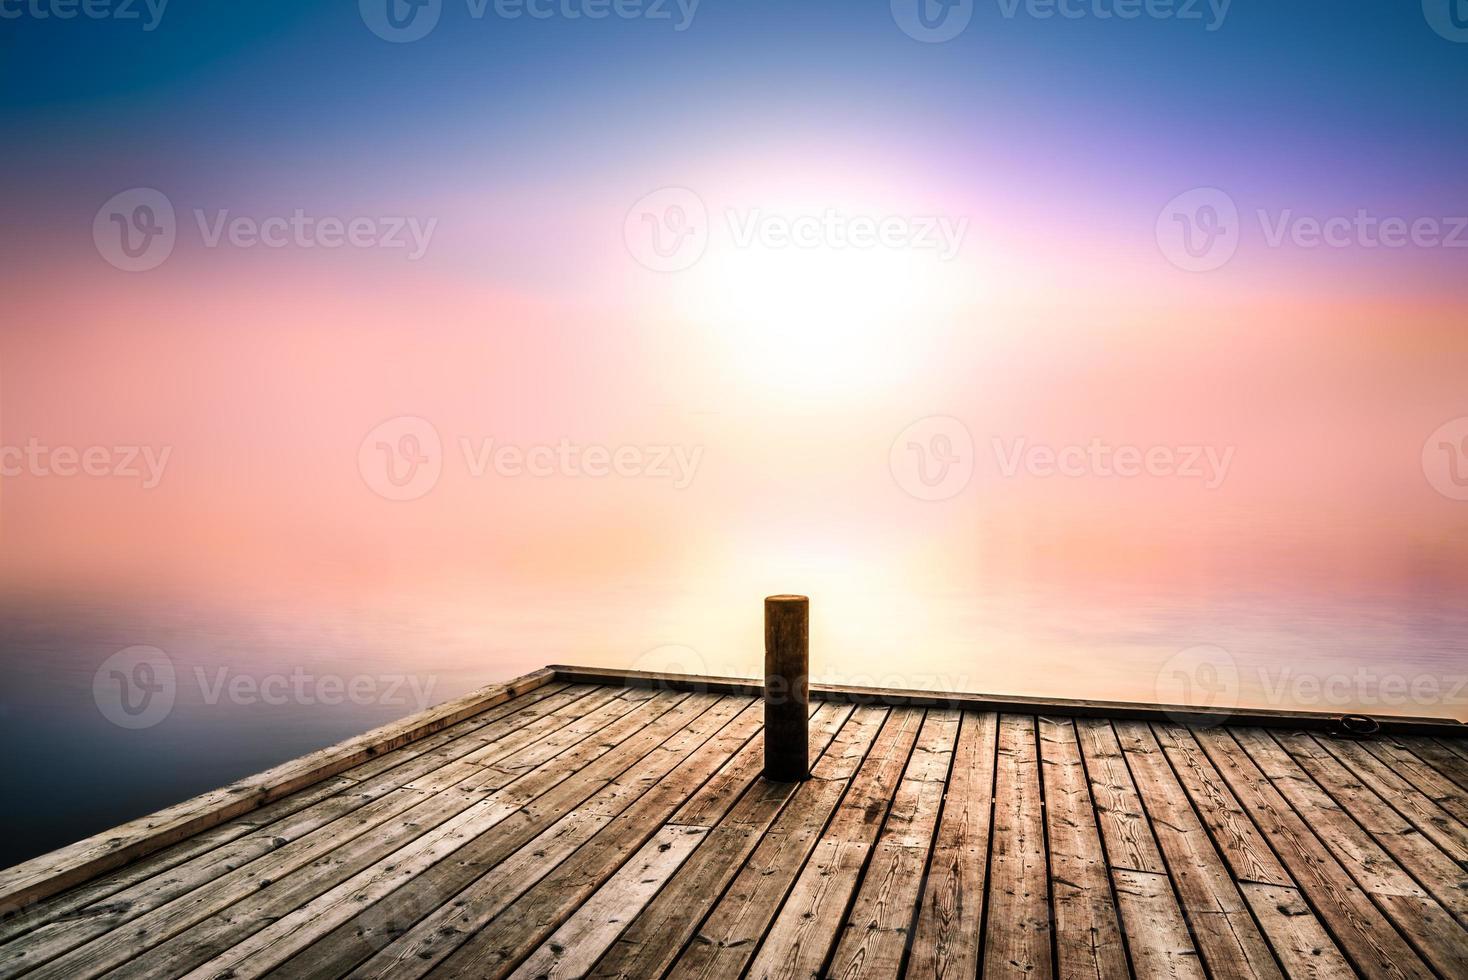 friedliches und geheimnisvolles Bild mit Morgenlicht über einem See foto